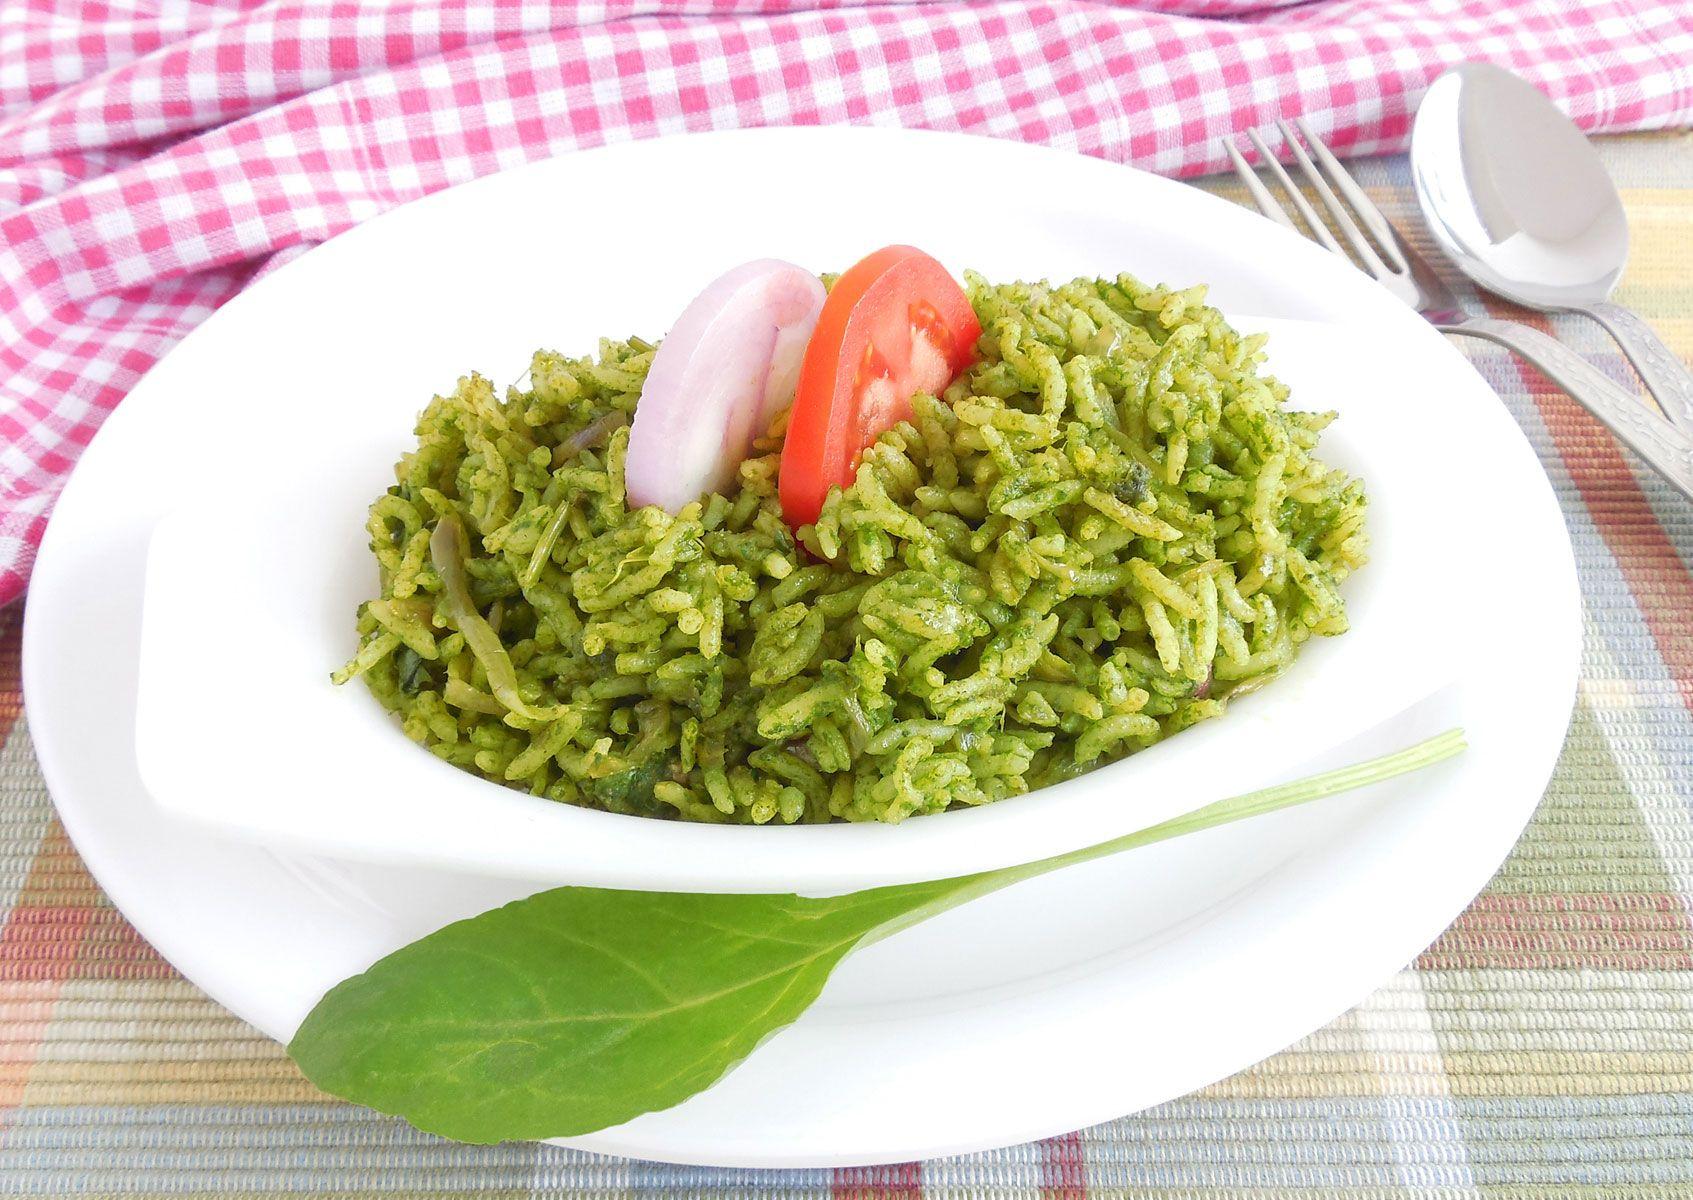 arroz de colores verde